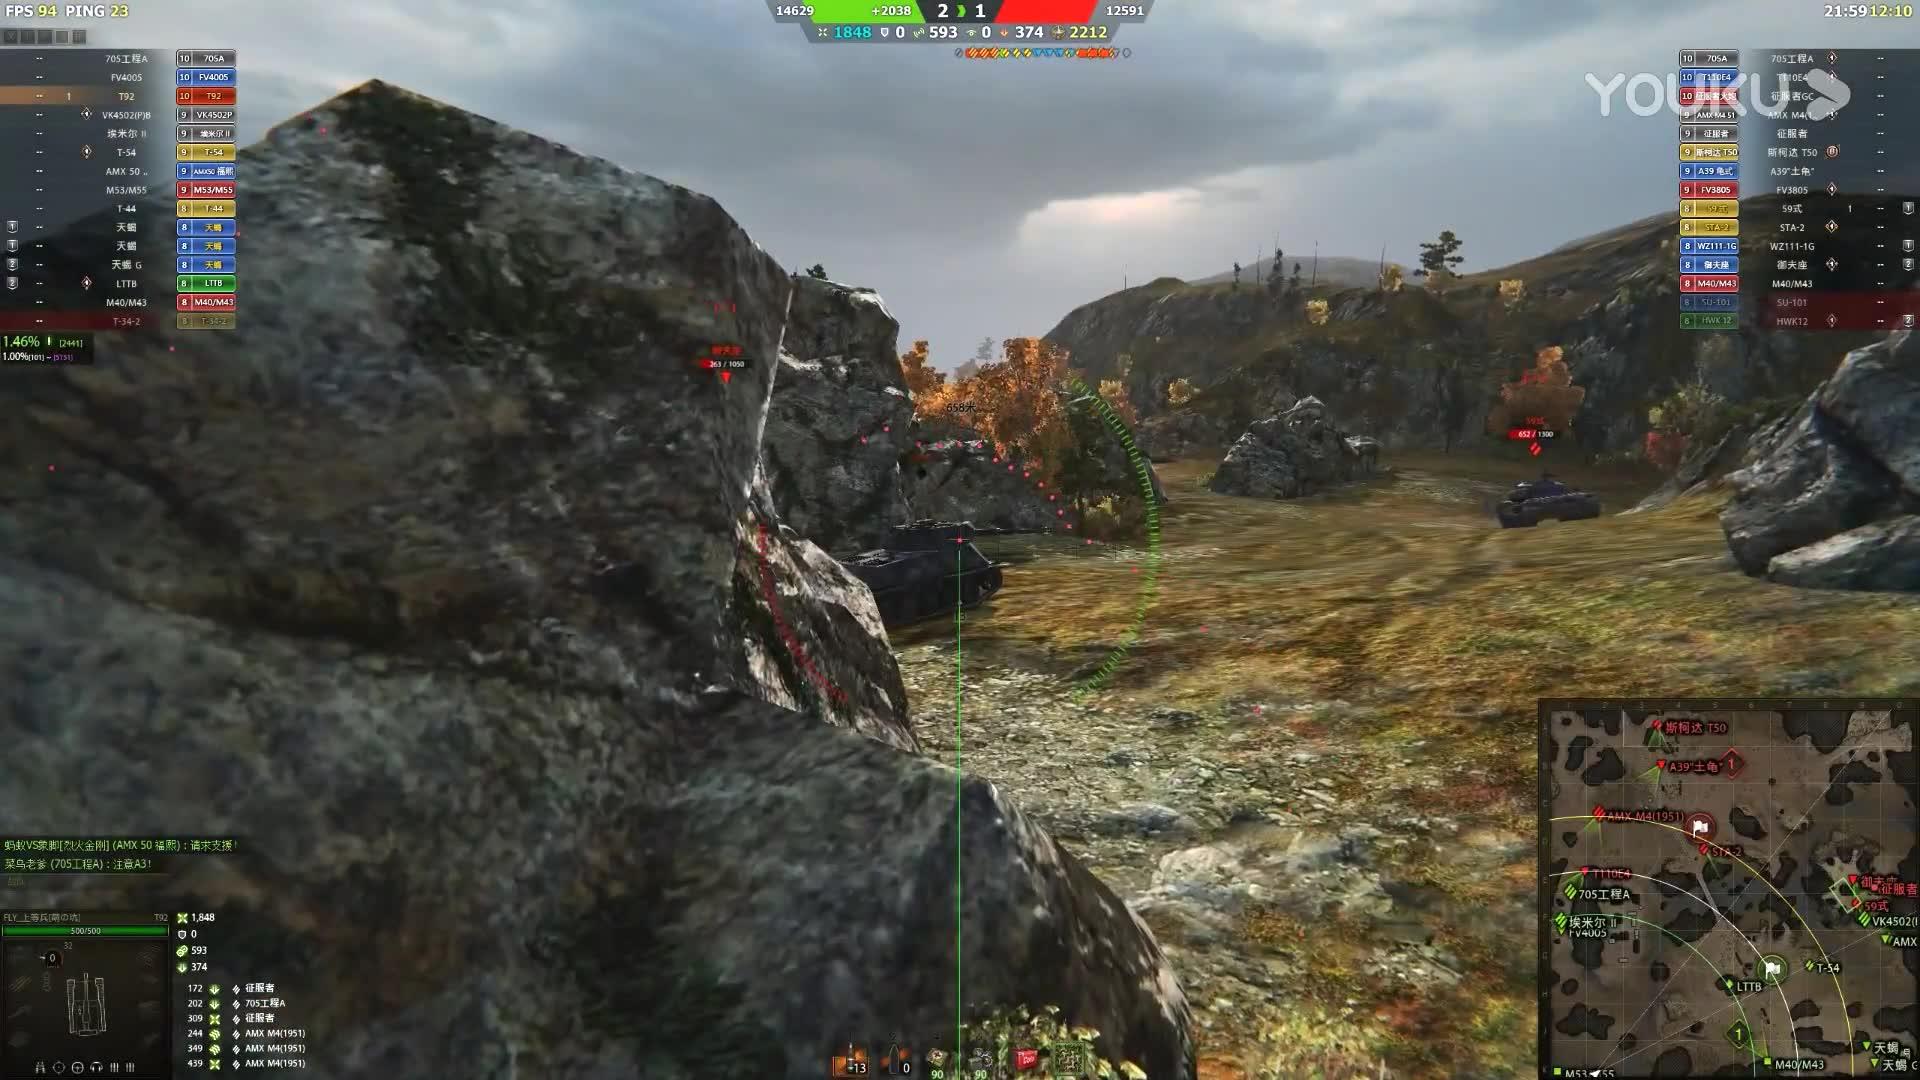 搬运 坦克世界尿座炮神火炮漫谈 火炮现在高伤怎么打